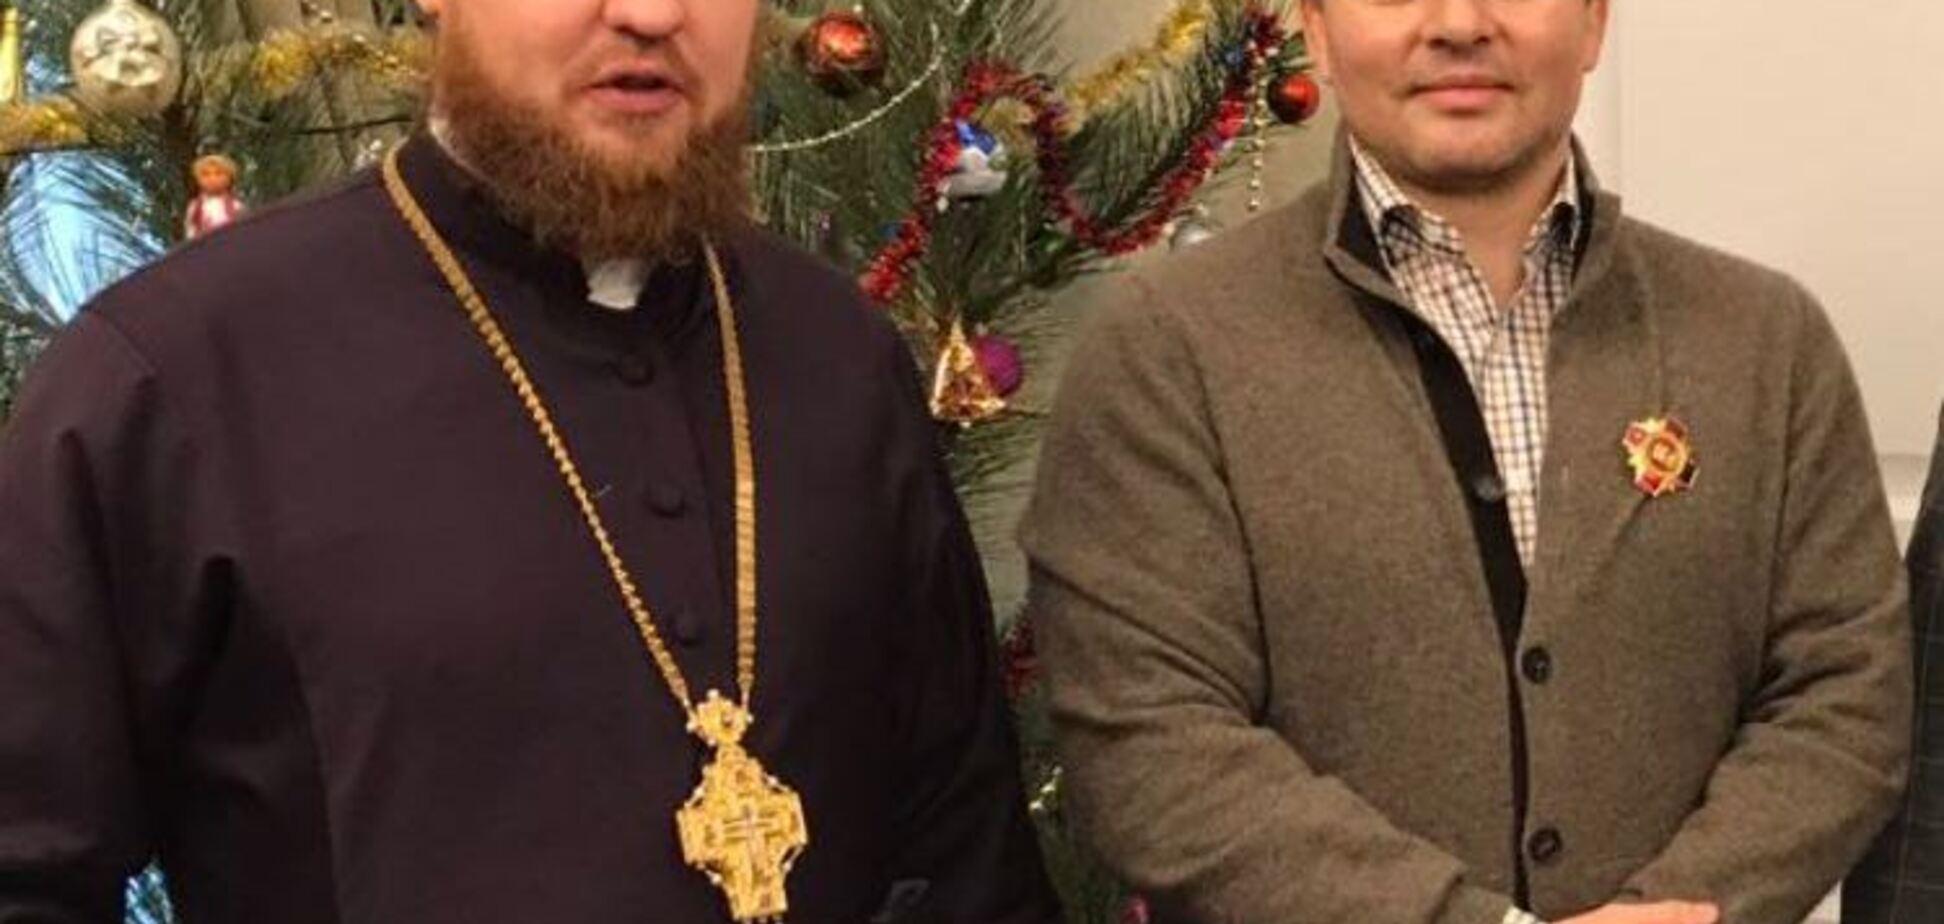 Вадима Киселя наградили орденом Святого Великомученика Георгия Победоносца